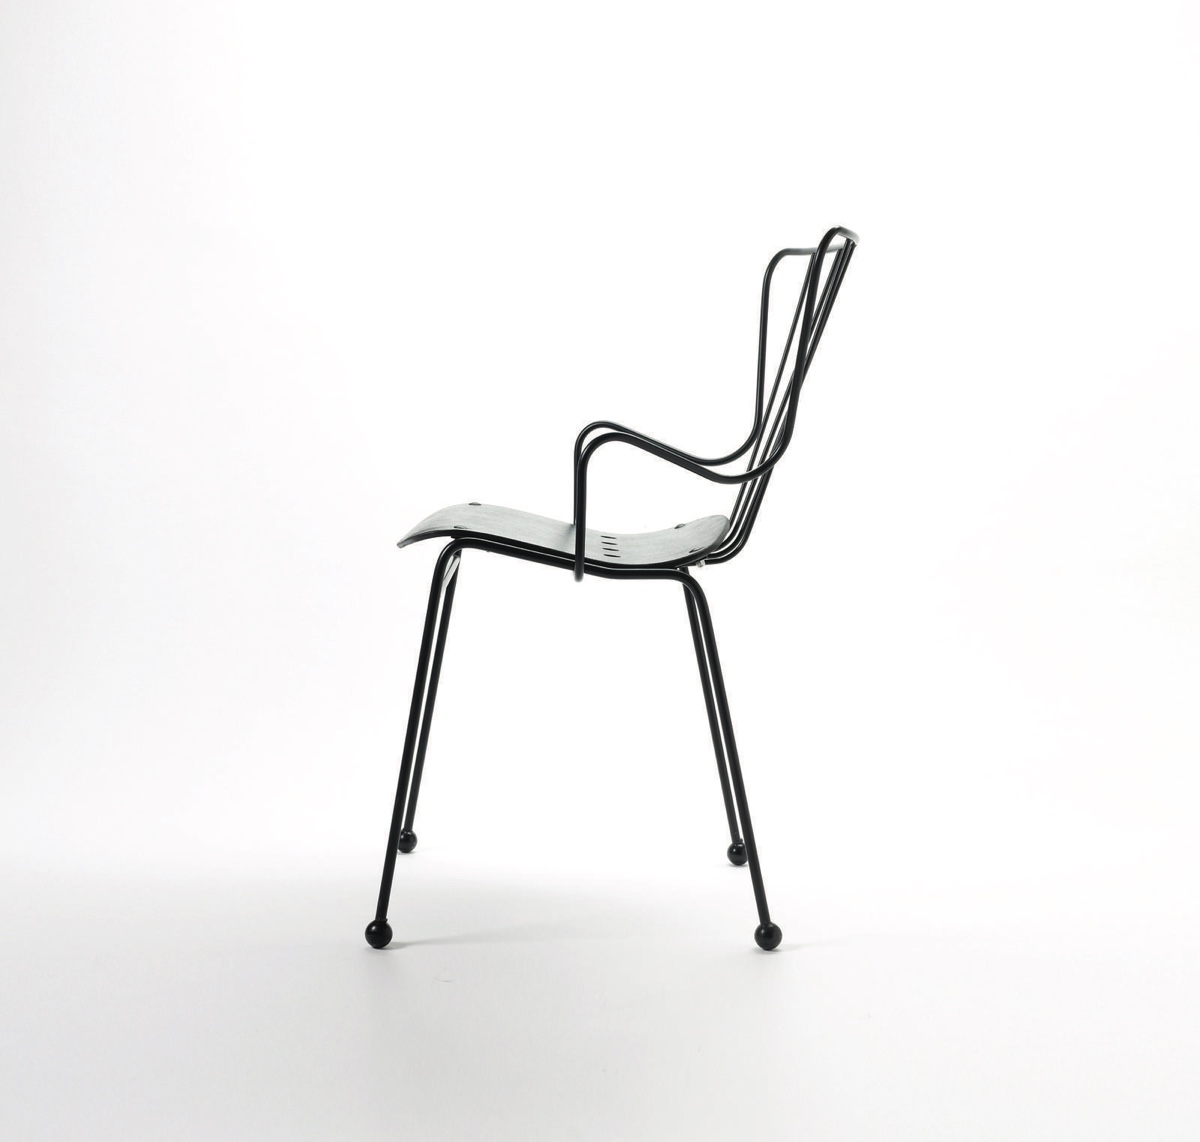 Antelope chair in black.